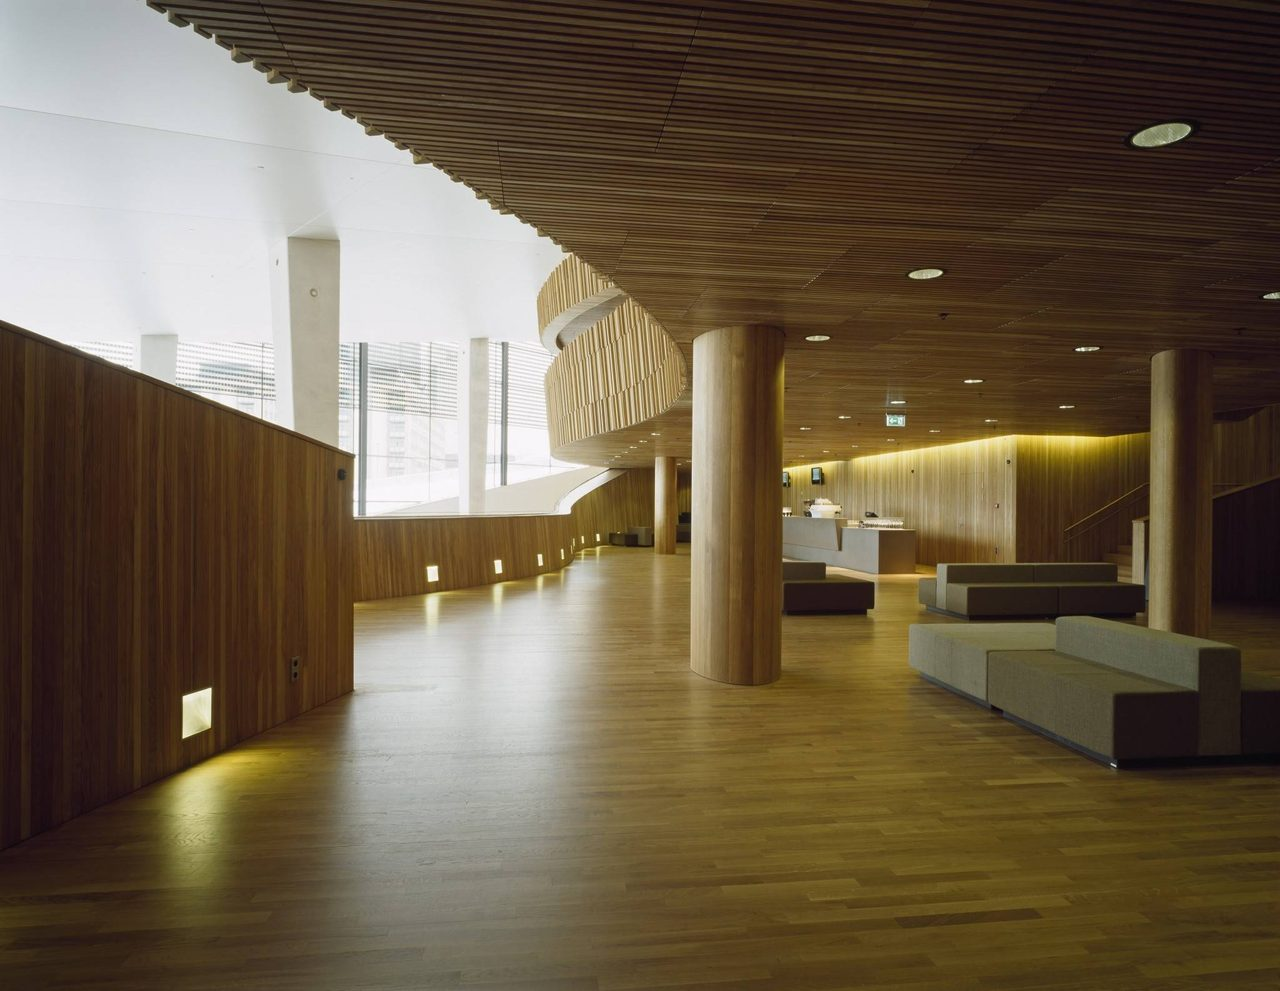 画像: メインホールに連なるギャラリー。カーブした壁がつくる空間に休憩スペースが設けられる。©Jiri Havran snohetta.com